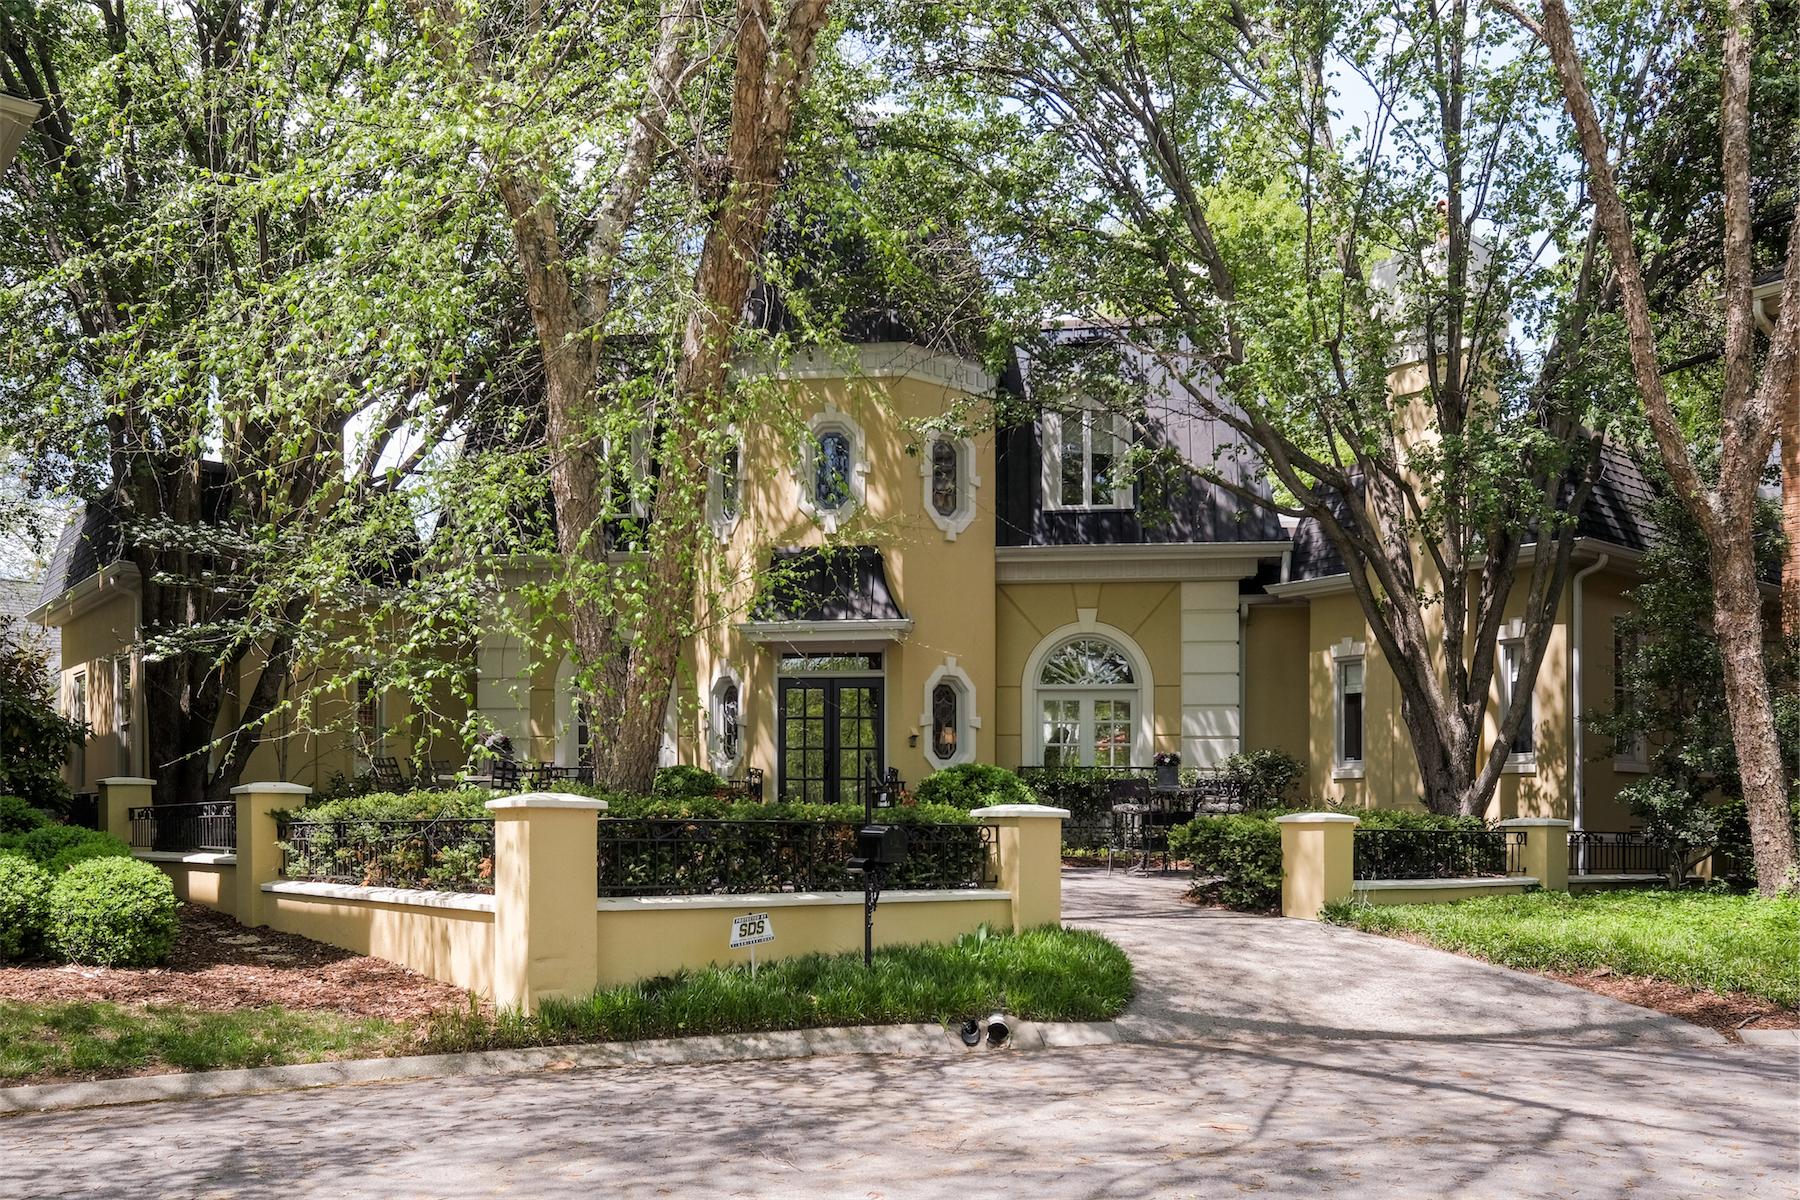 Частный односемейный дом для того Продажа на Stunning Abbottsford Residence 107 Abbottsford Nashville, Теннесси, 37215 Соединенные Штаты